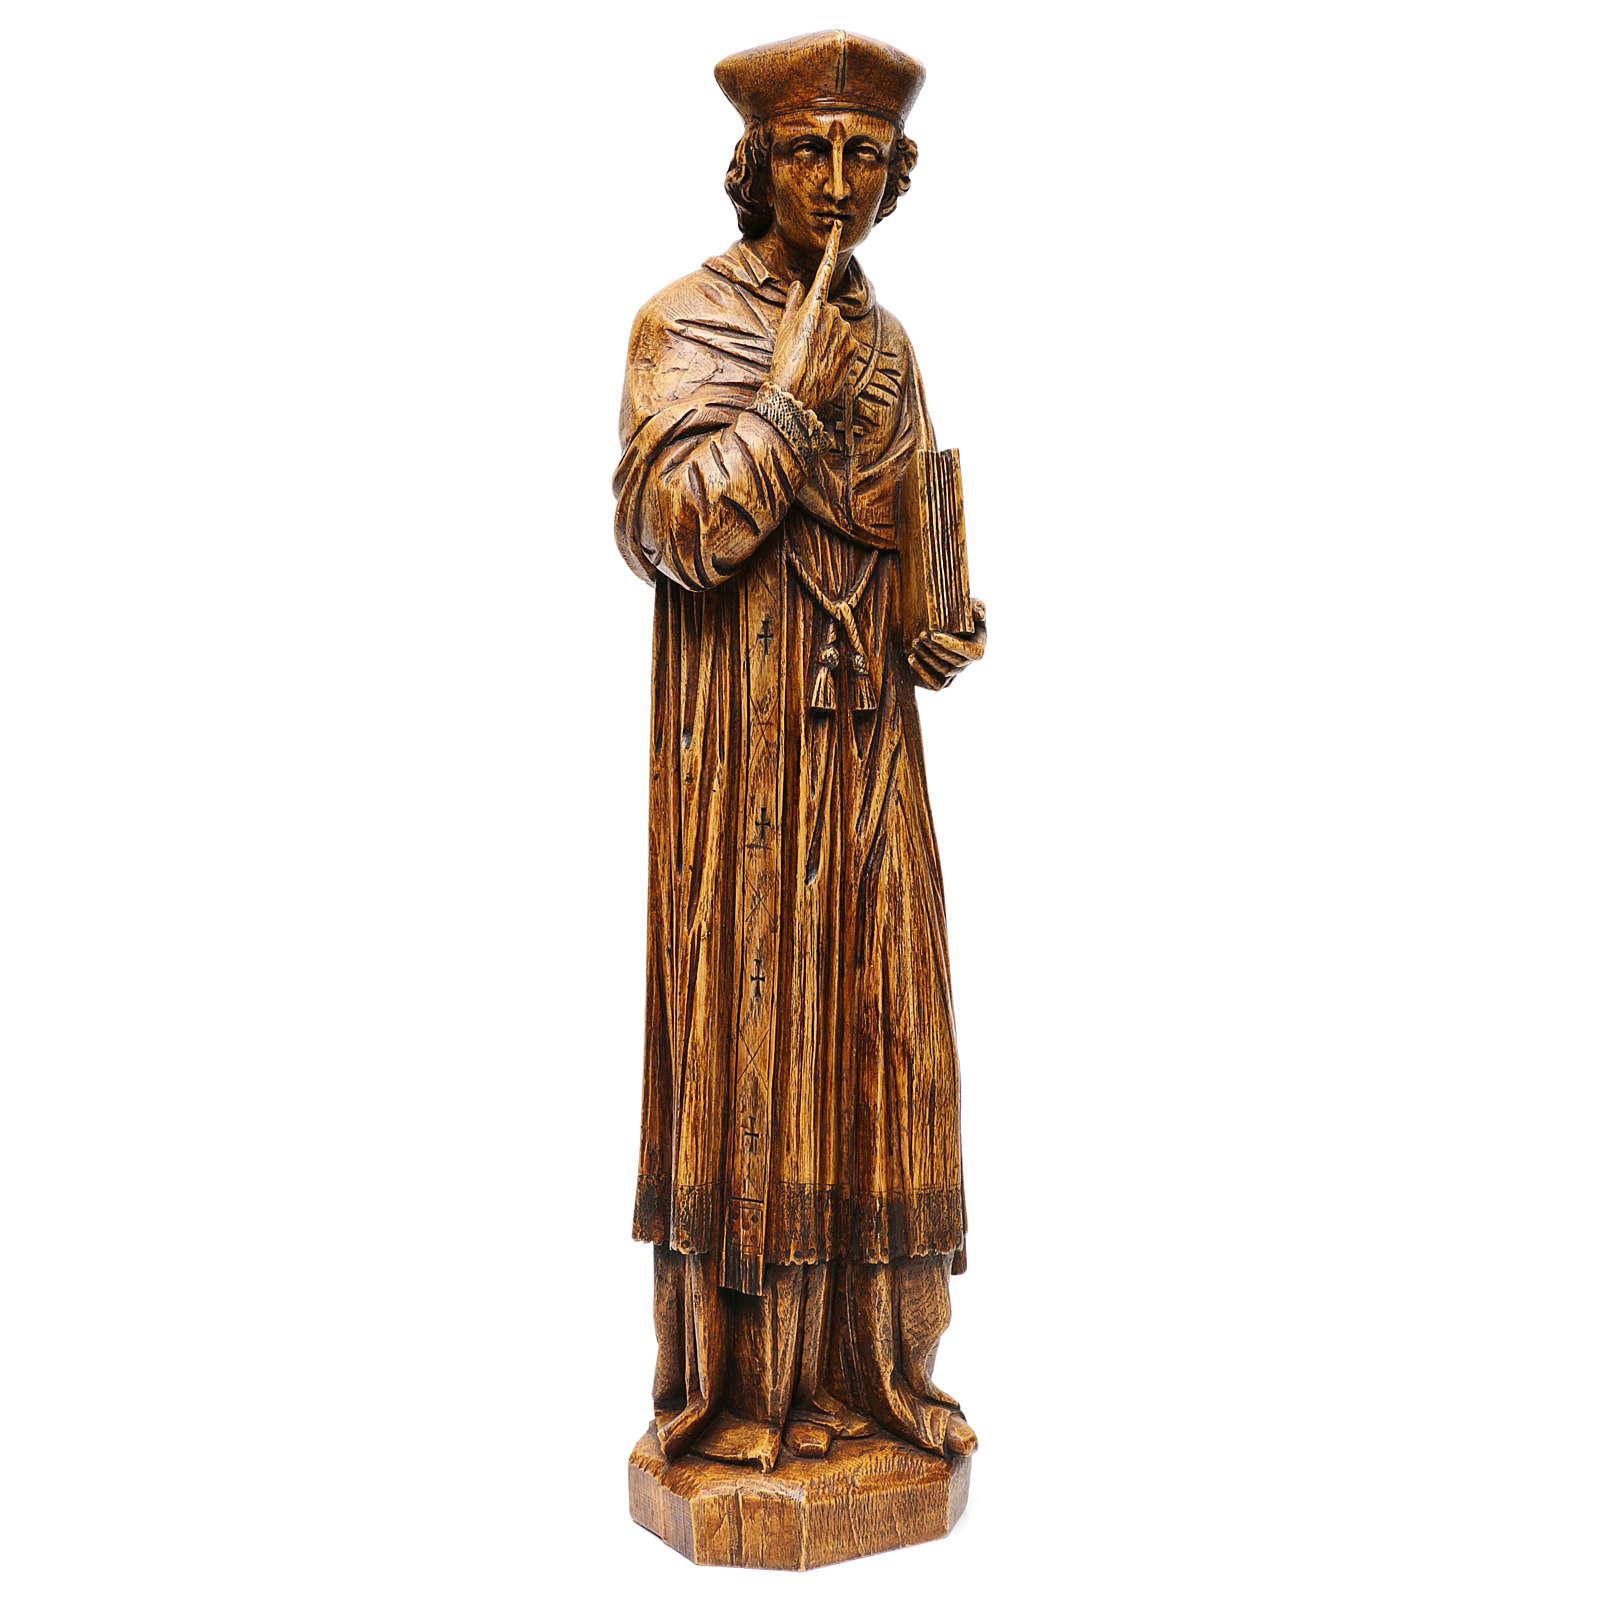 St. Yves (Iwo) kamień wykończenie drewno 63 cm 4